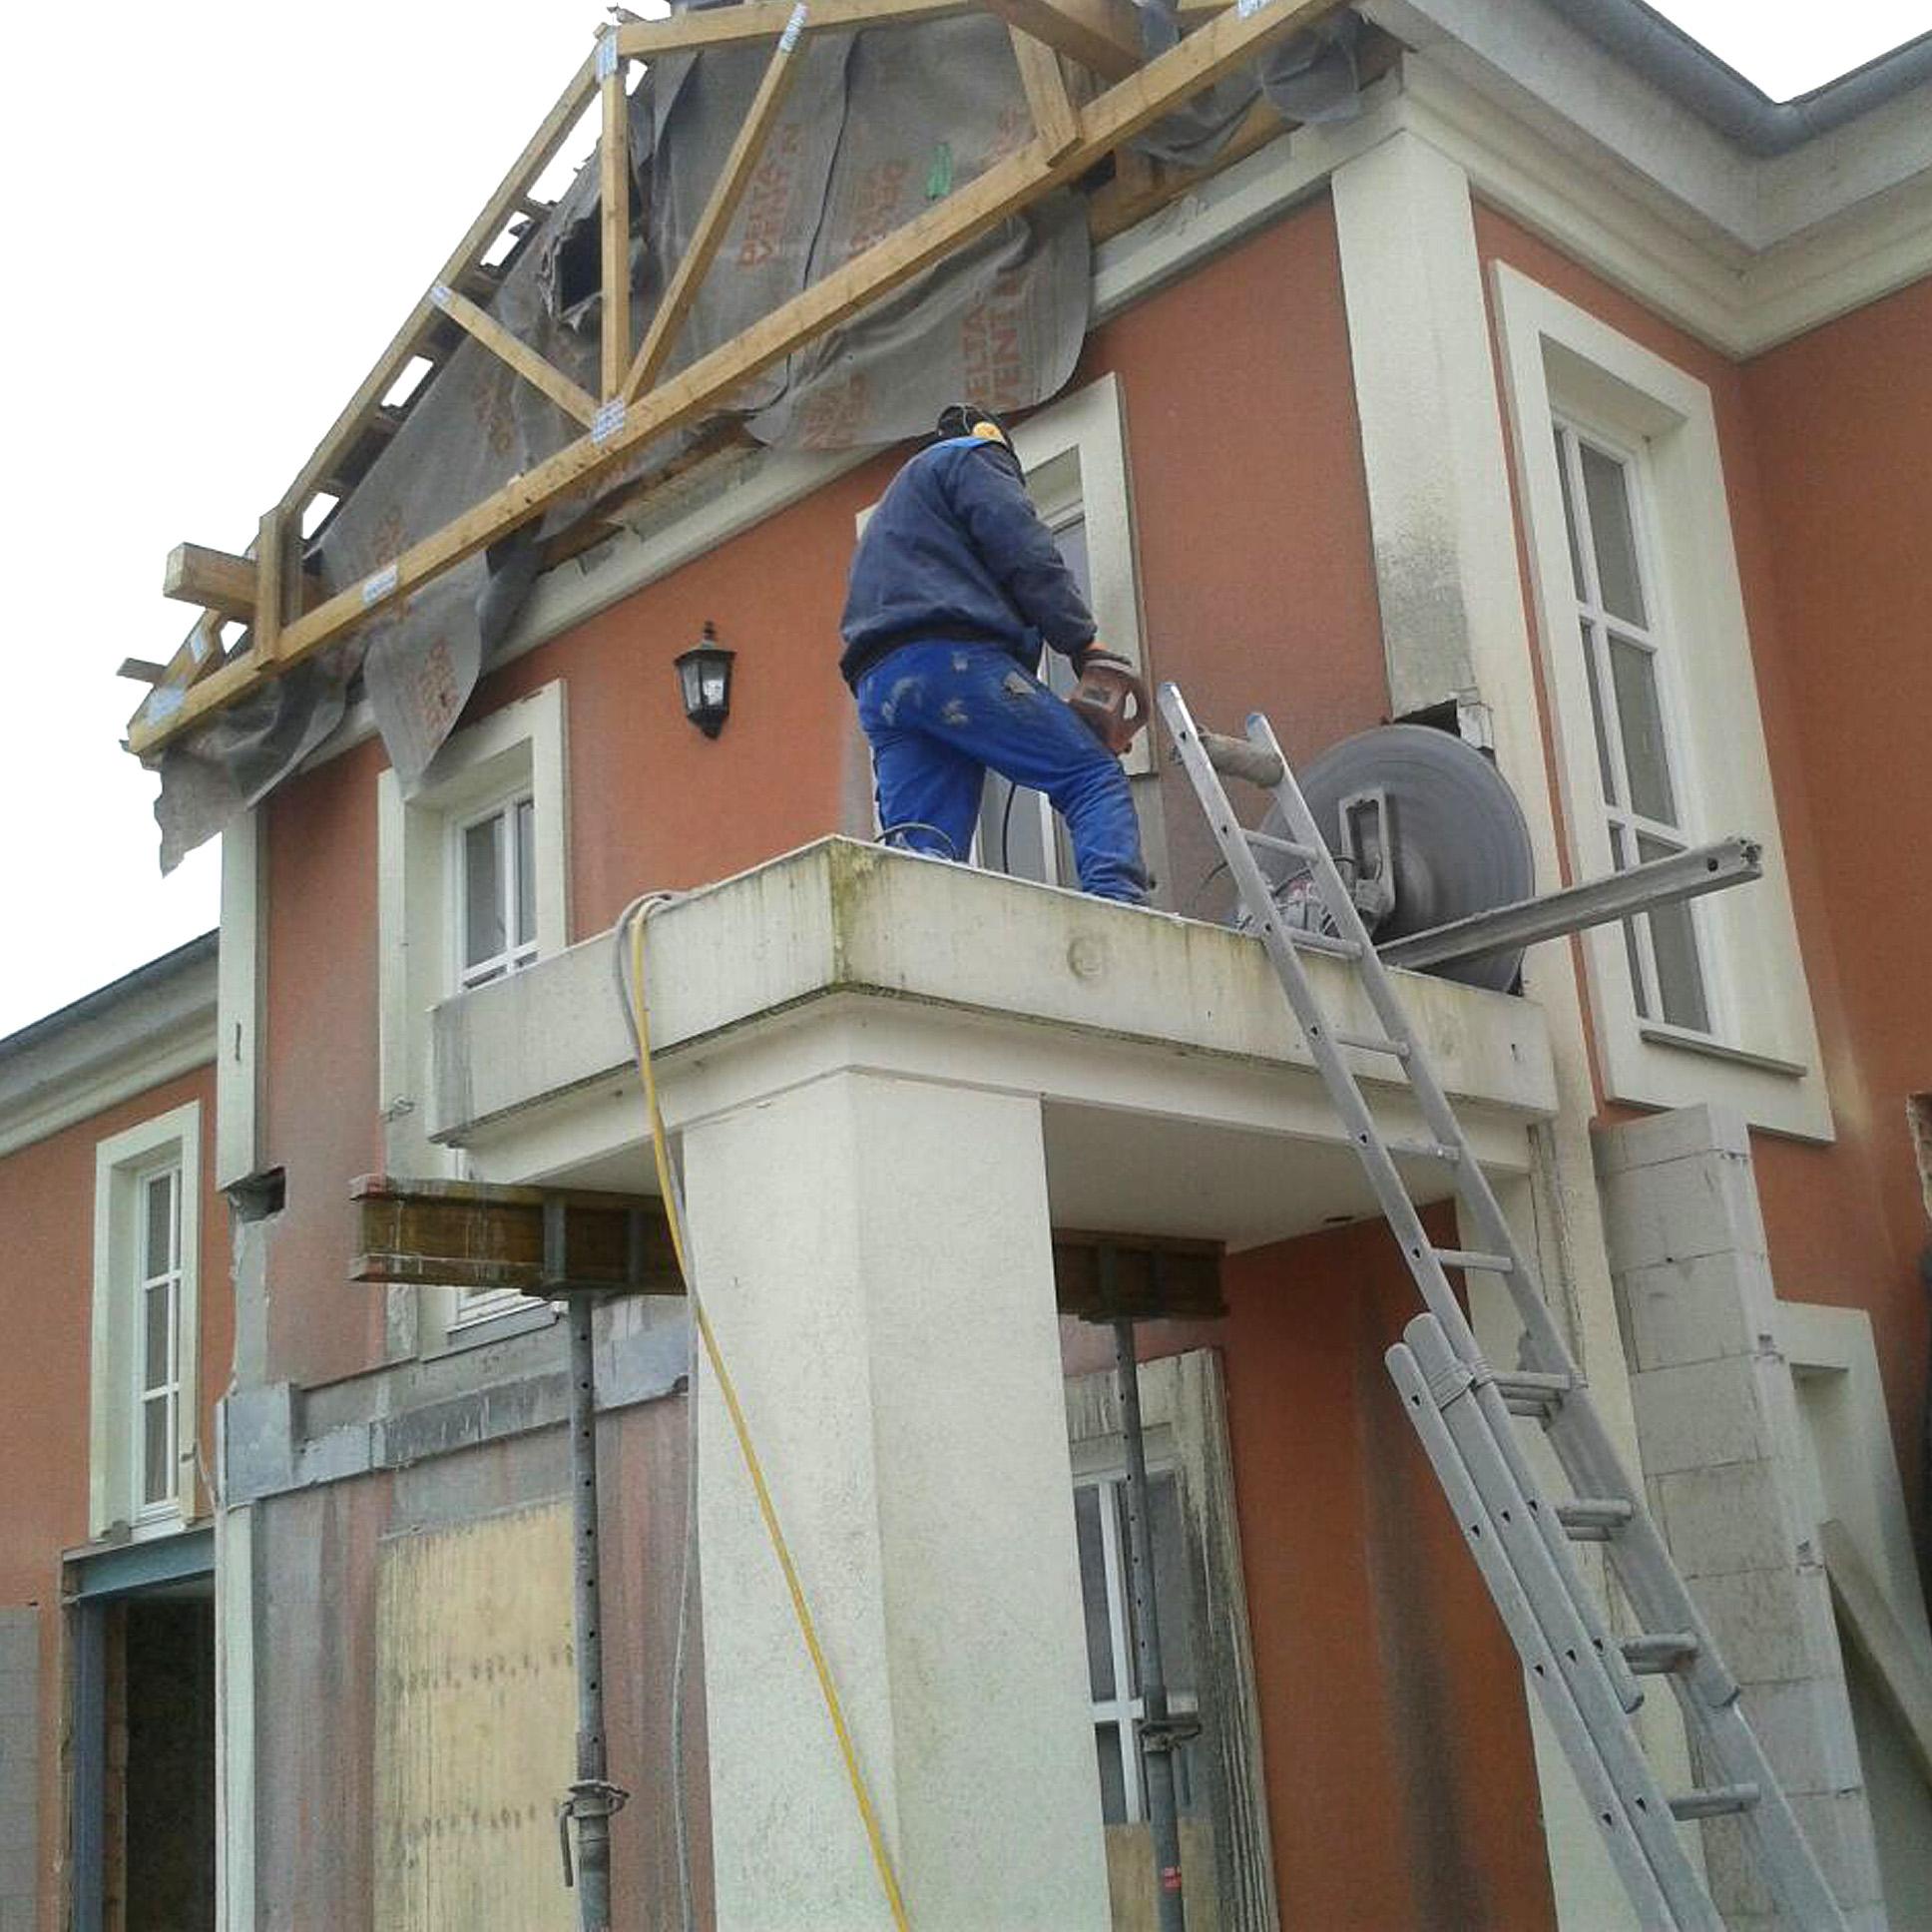 Gutshaus Flotow - Balkonabriss